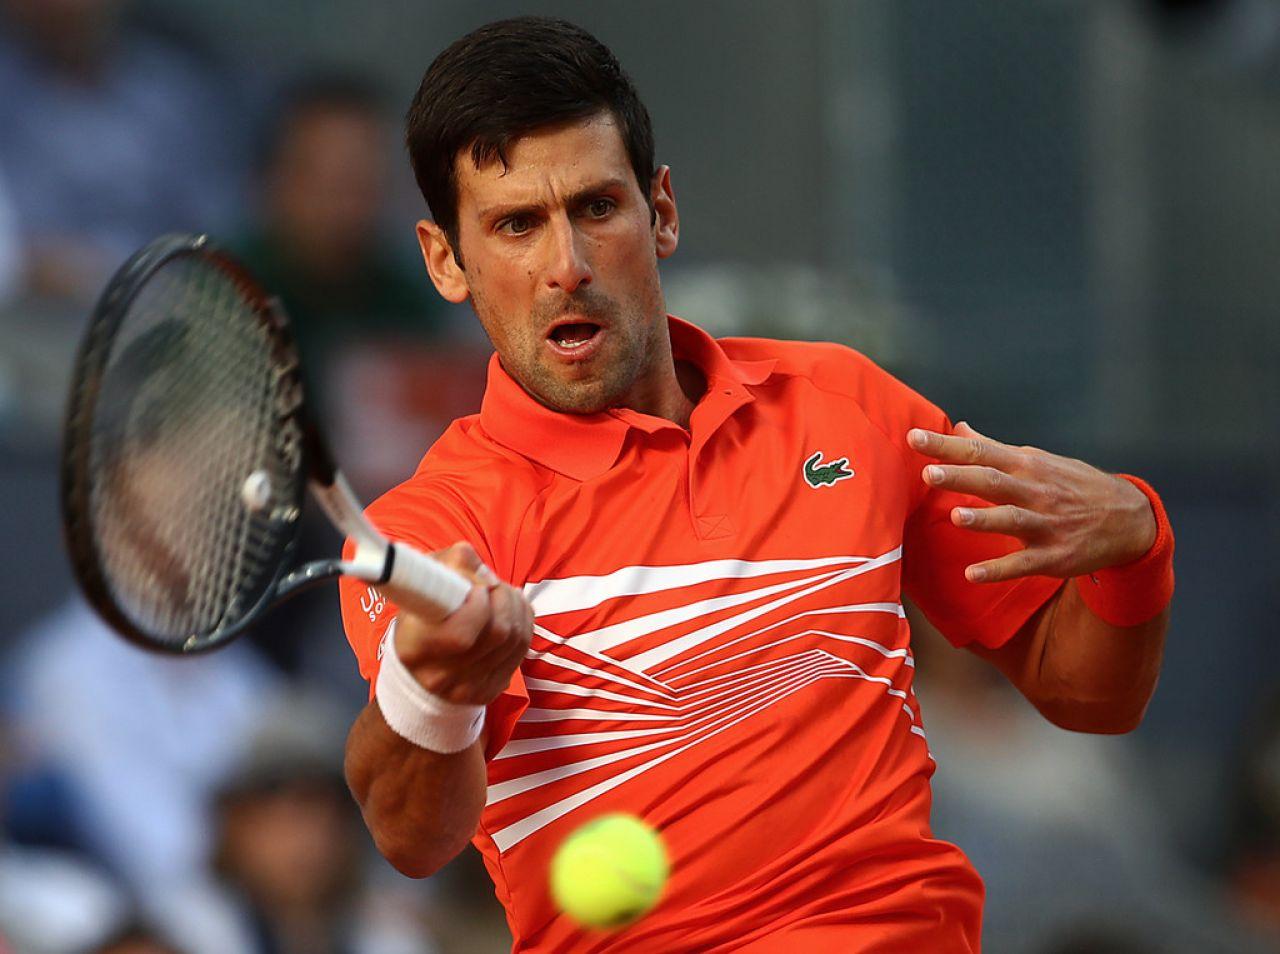 Djokovic: Rafa ha sido el gran rival de mi carrera, le respeto mucho